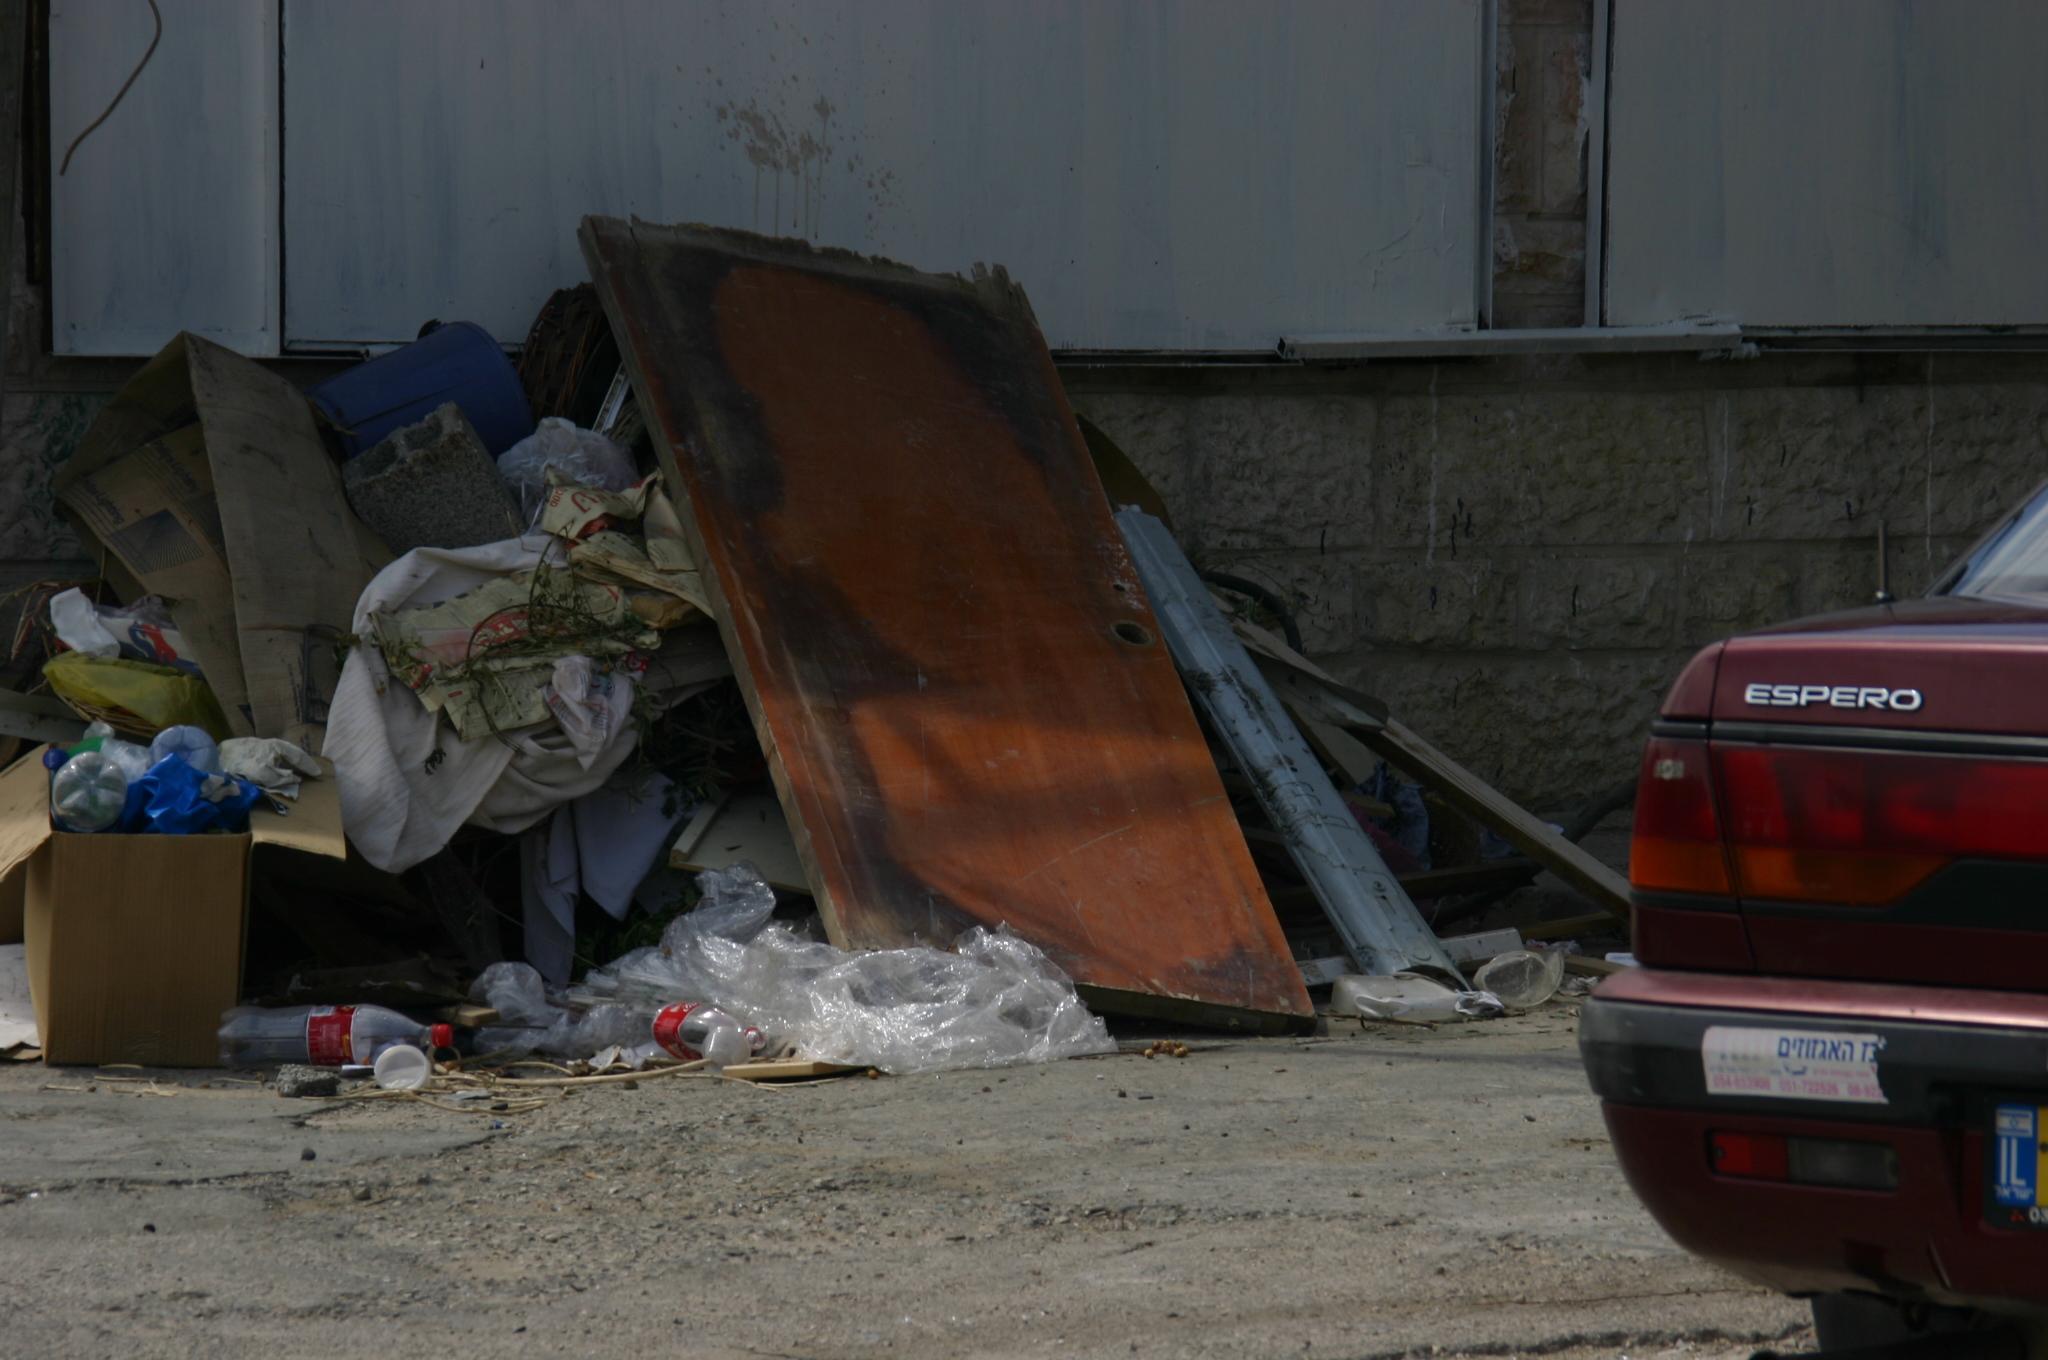 Kaputte Tür auf Müllhaufen - Quelle: WikiCommons